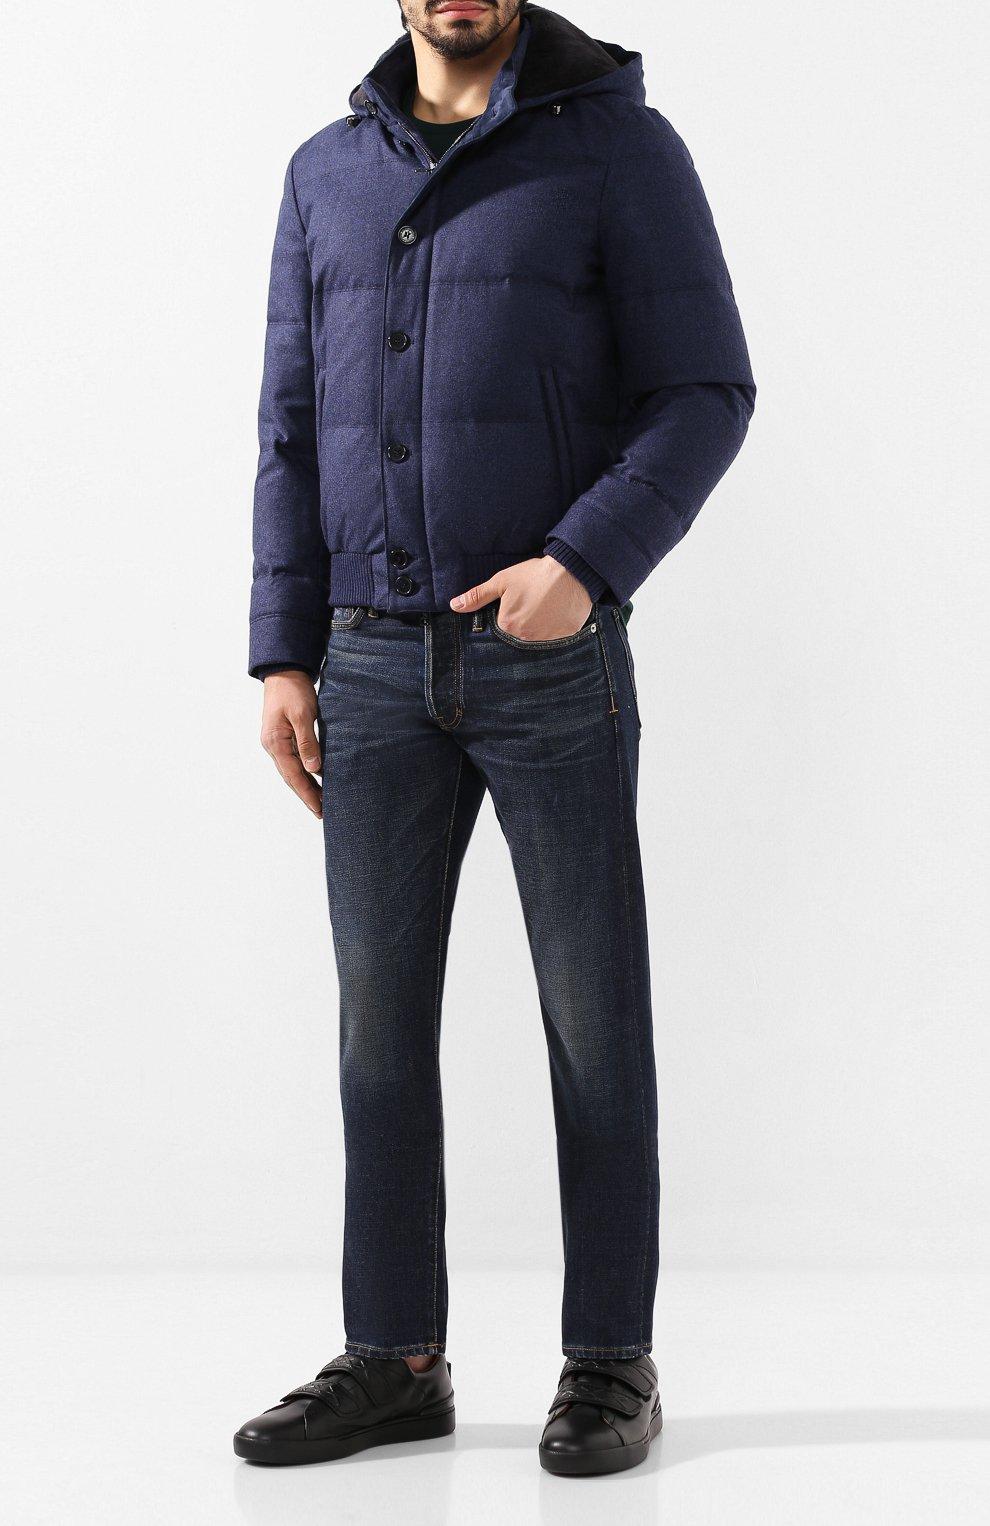 Мужской пуховый бомбер ANDREA CAMPAGNA синего цвета, арт. A8T711/3813 | Фото 2 (Кросс-КТ: Куртка; Мужское Кросс-КТ: пуховик-короткий, Пуховик-верхняя одежда, Верхняя одежда; Материал внешний: Шерсть; Рукава: Длинные; Принт: Без принта; Материал подклада: Синтетический материал; Длина (верхняя одежда): Короткие; Материал утеплителя: Пух и перо; Стили: Кэжуэл)